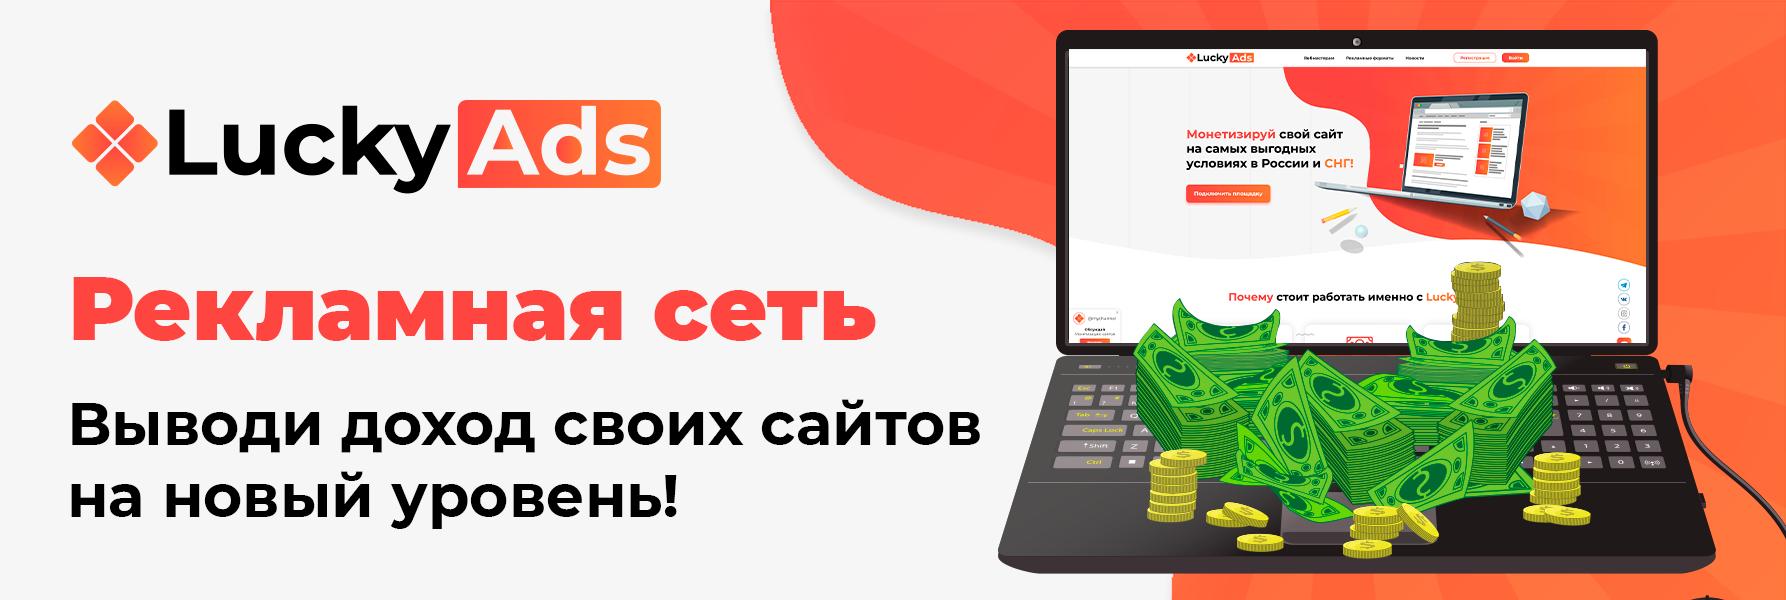 26693867 LuckyAds   выводит монетизацию сайтов на новый уровень!